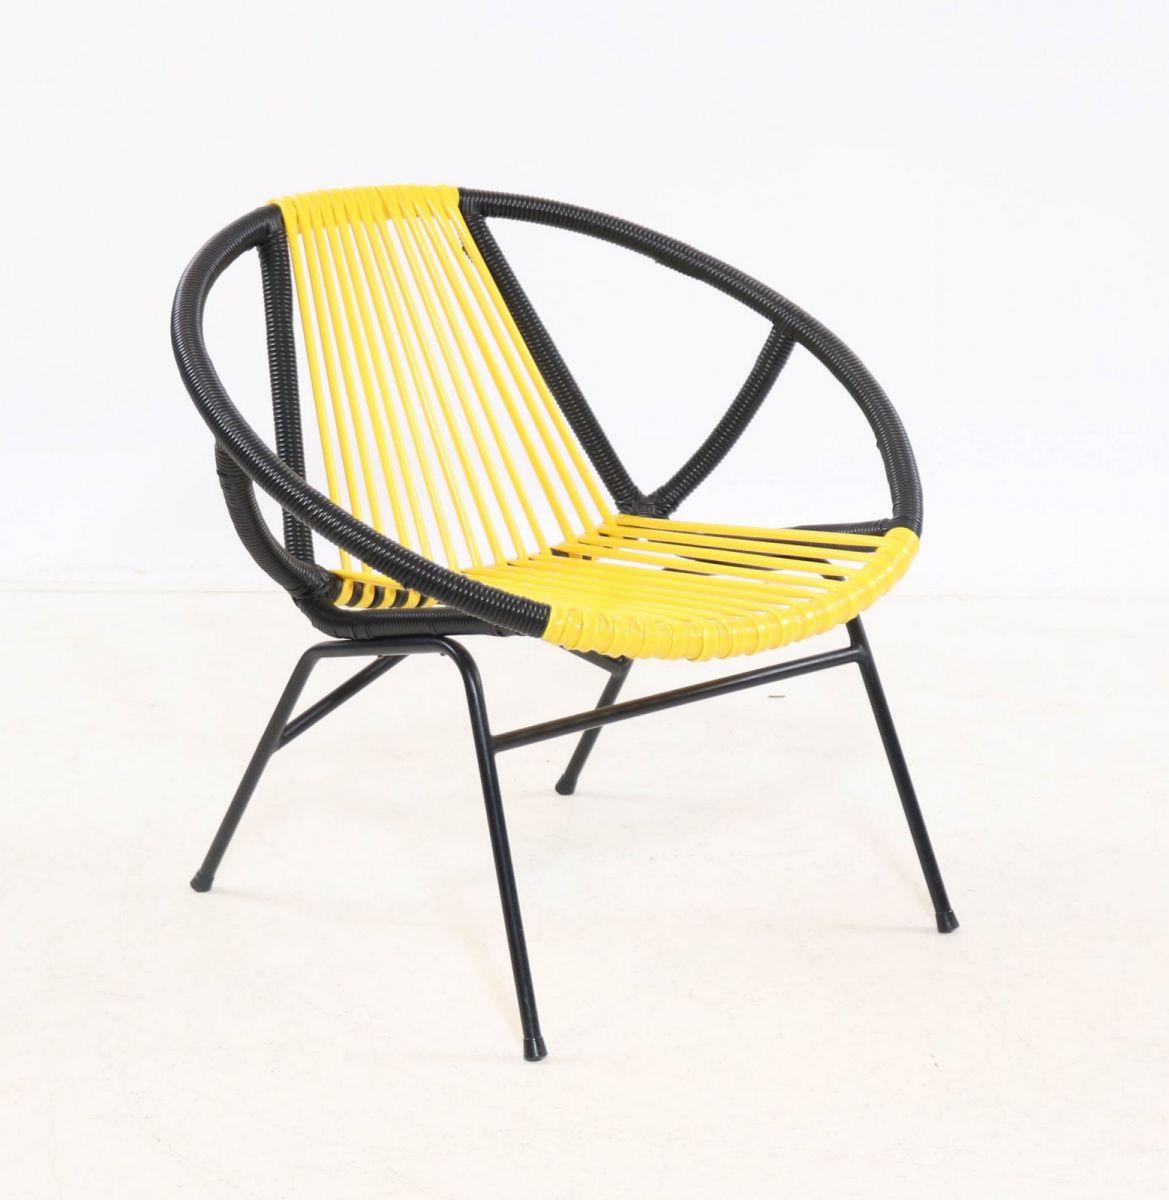 Chaise Design Jaune Luckyfind